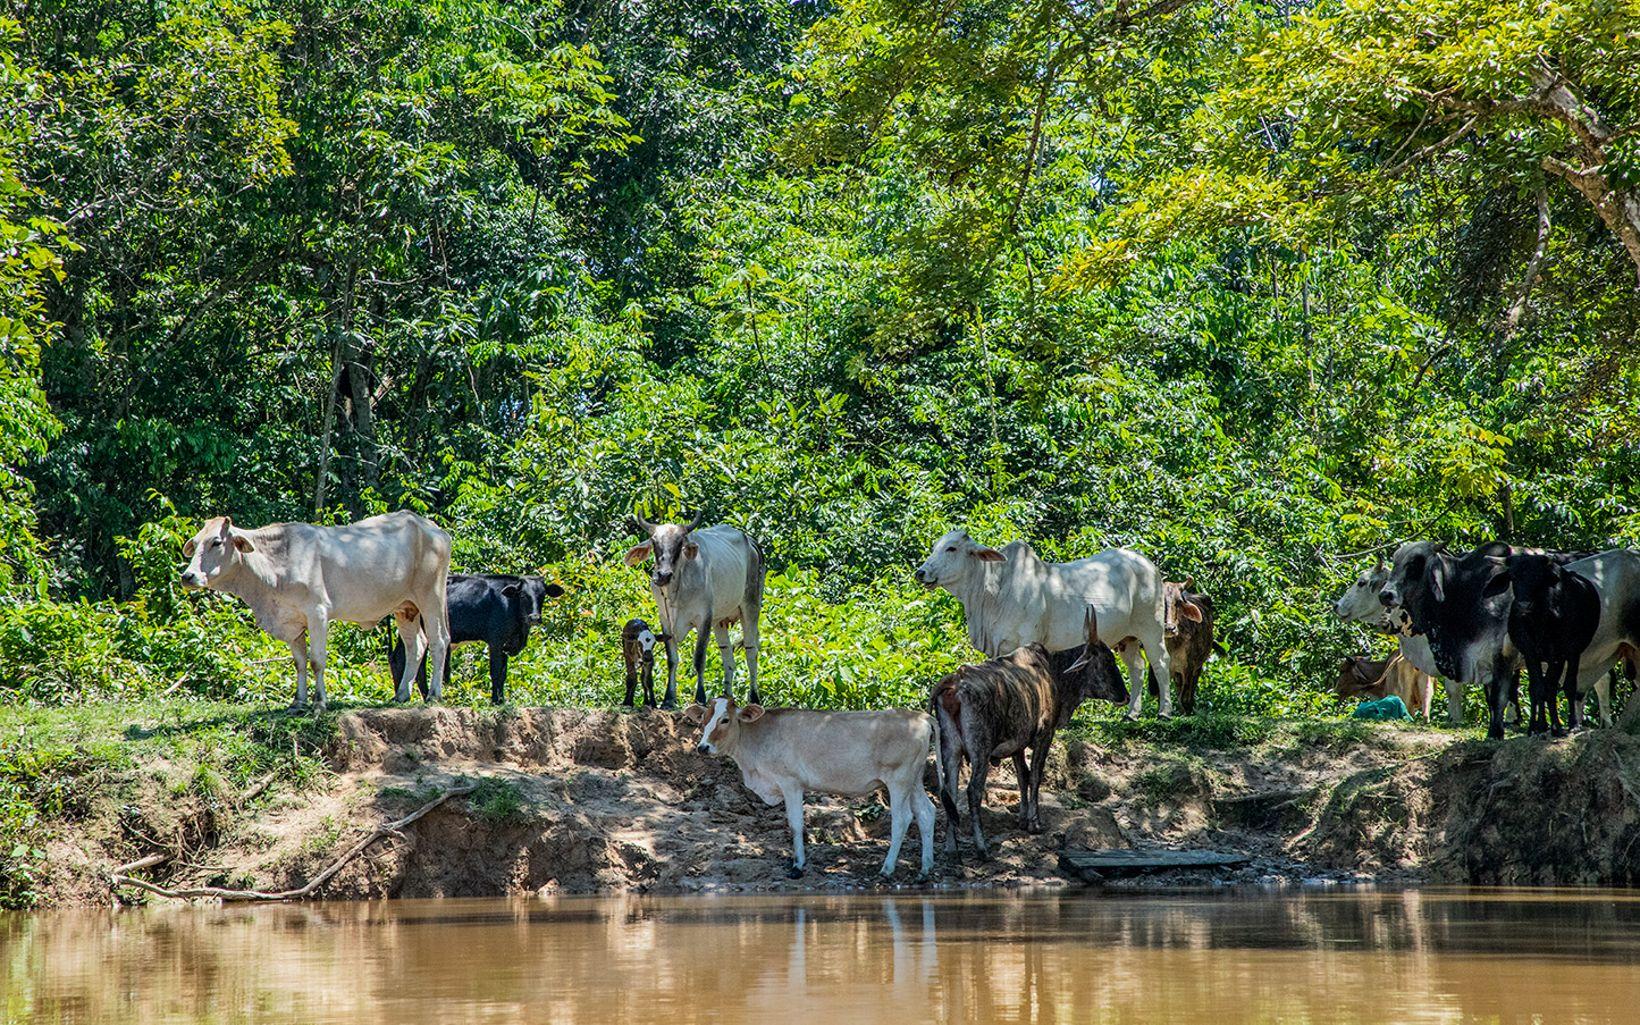 La ganadería tradicional transforma bosque para pastorear. No considera los beneficios de la naturaleza para su finca y es un problema estructural ligado a diversos factores.